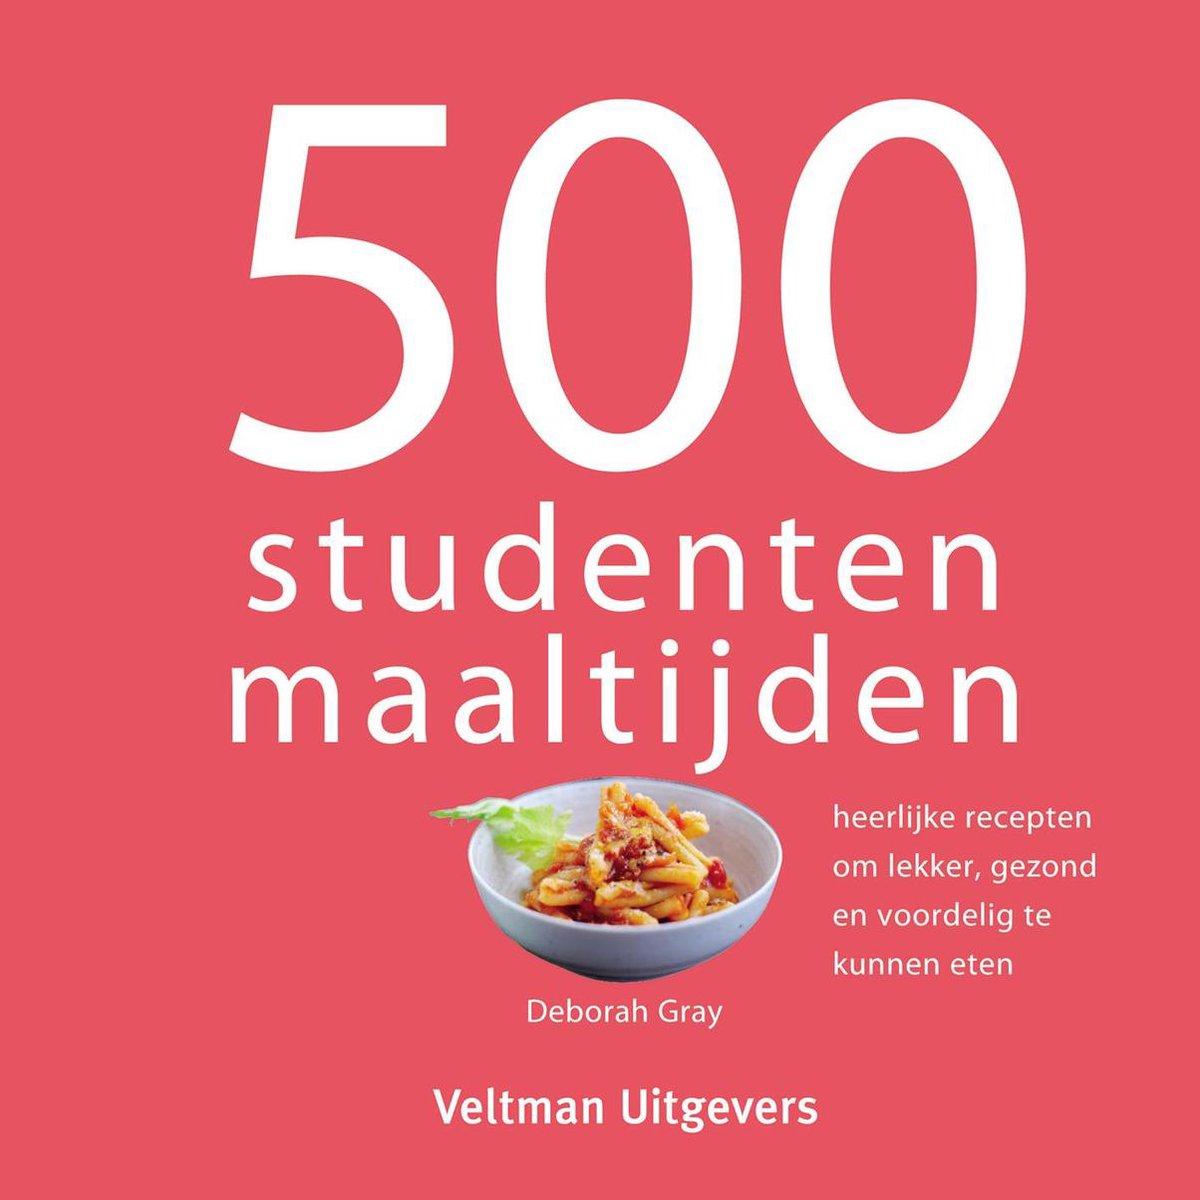 500 studentenmaaltijden